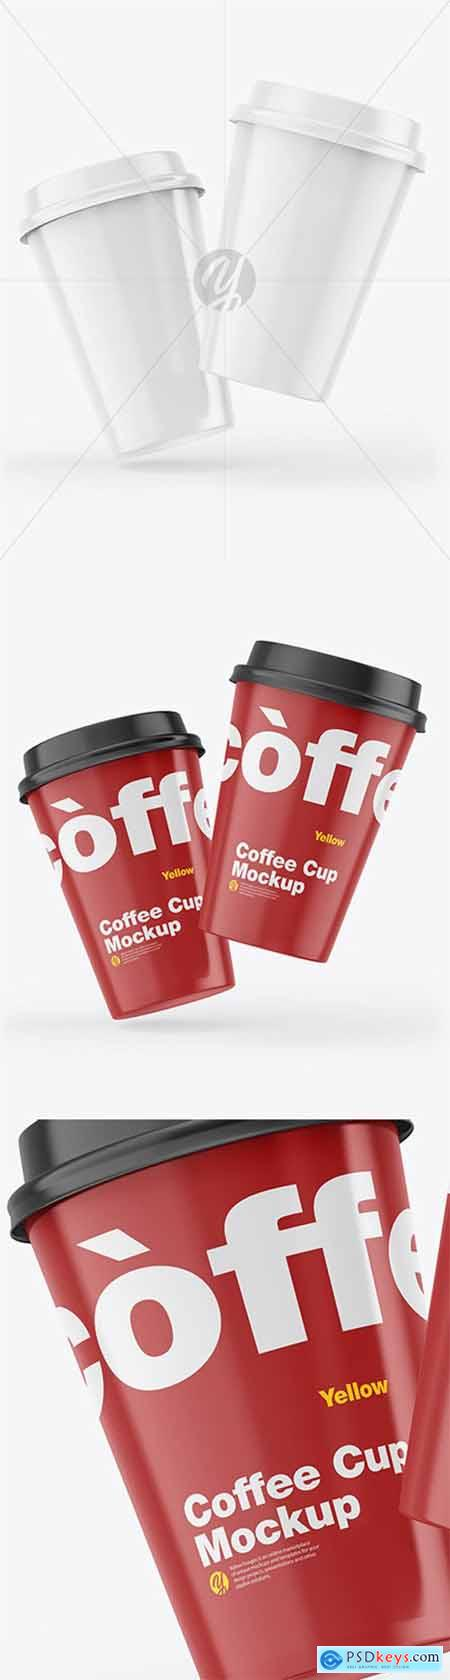 Glossy Coffee Cups Mockup 55451